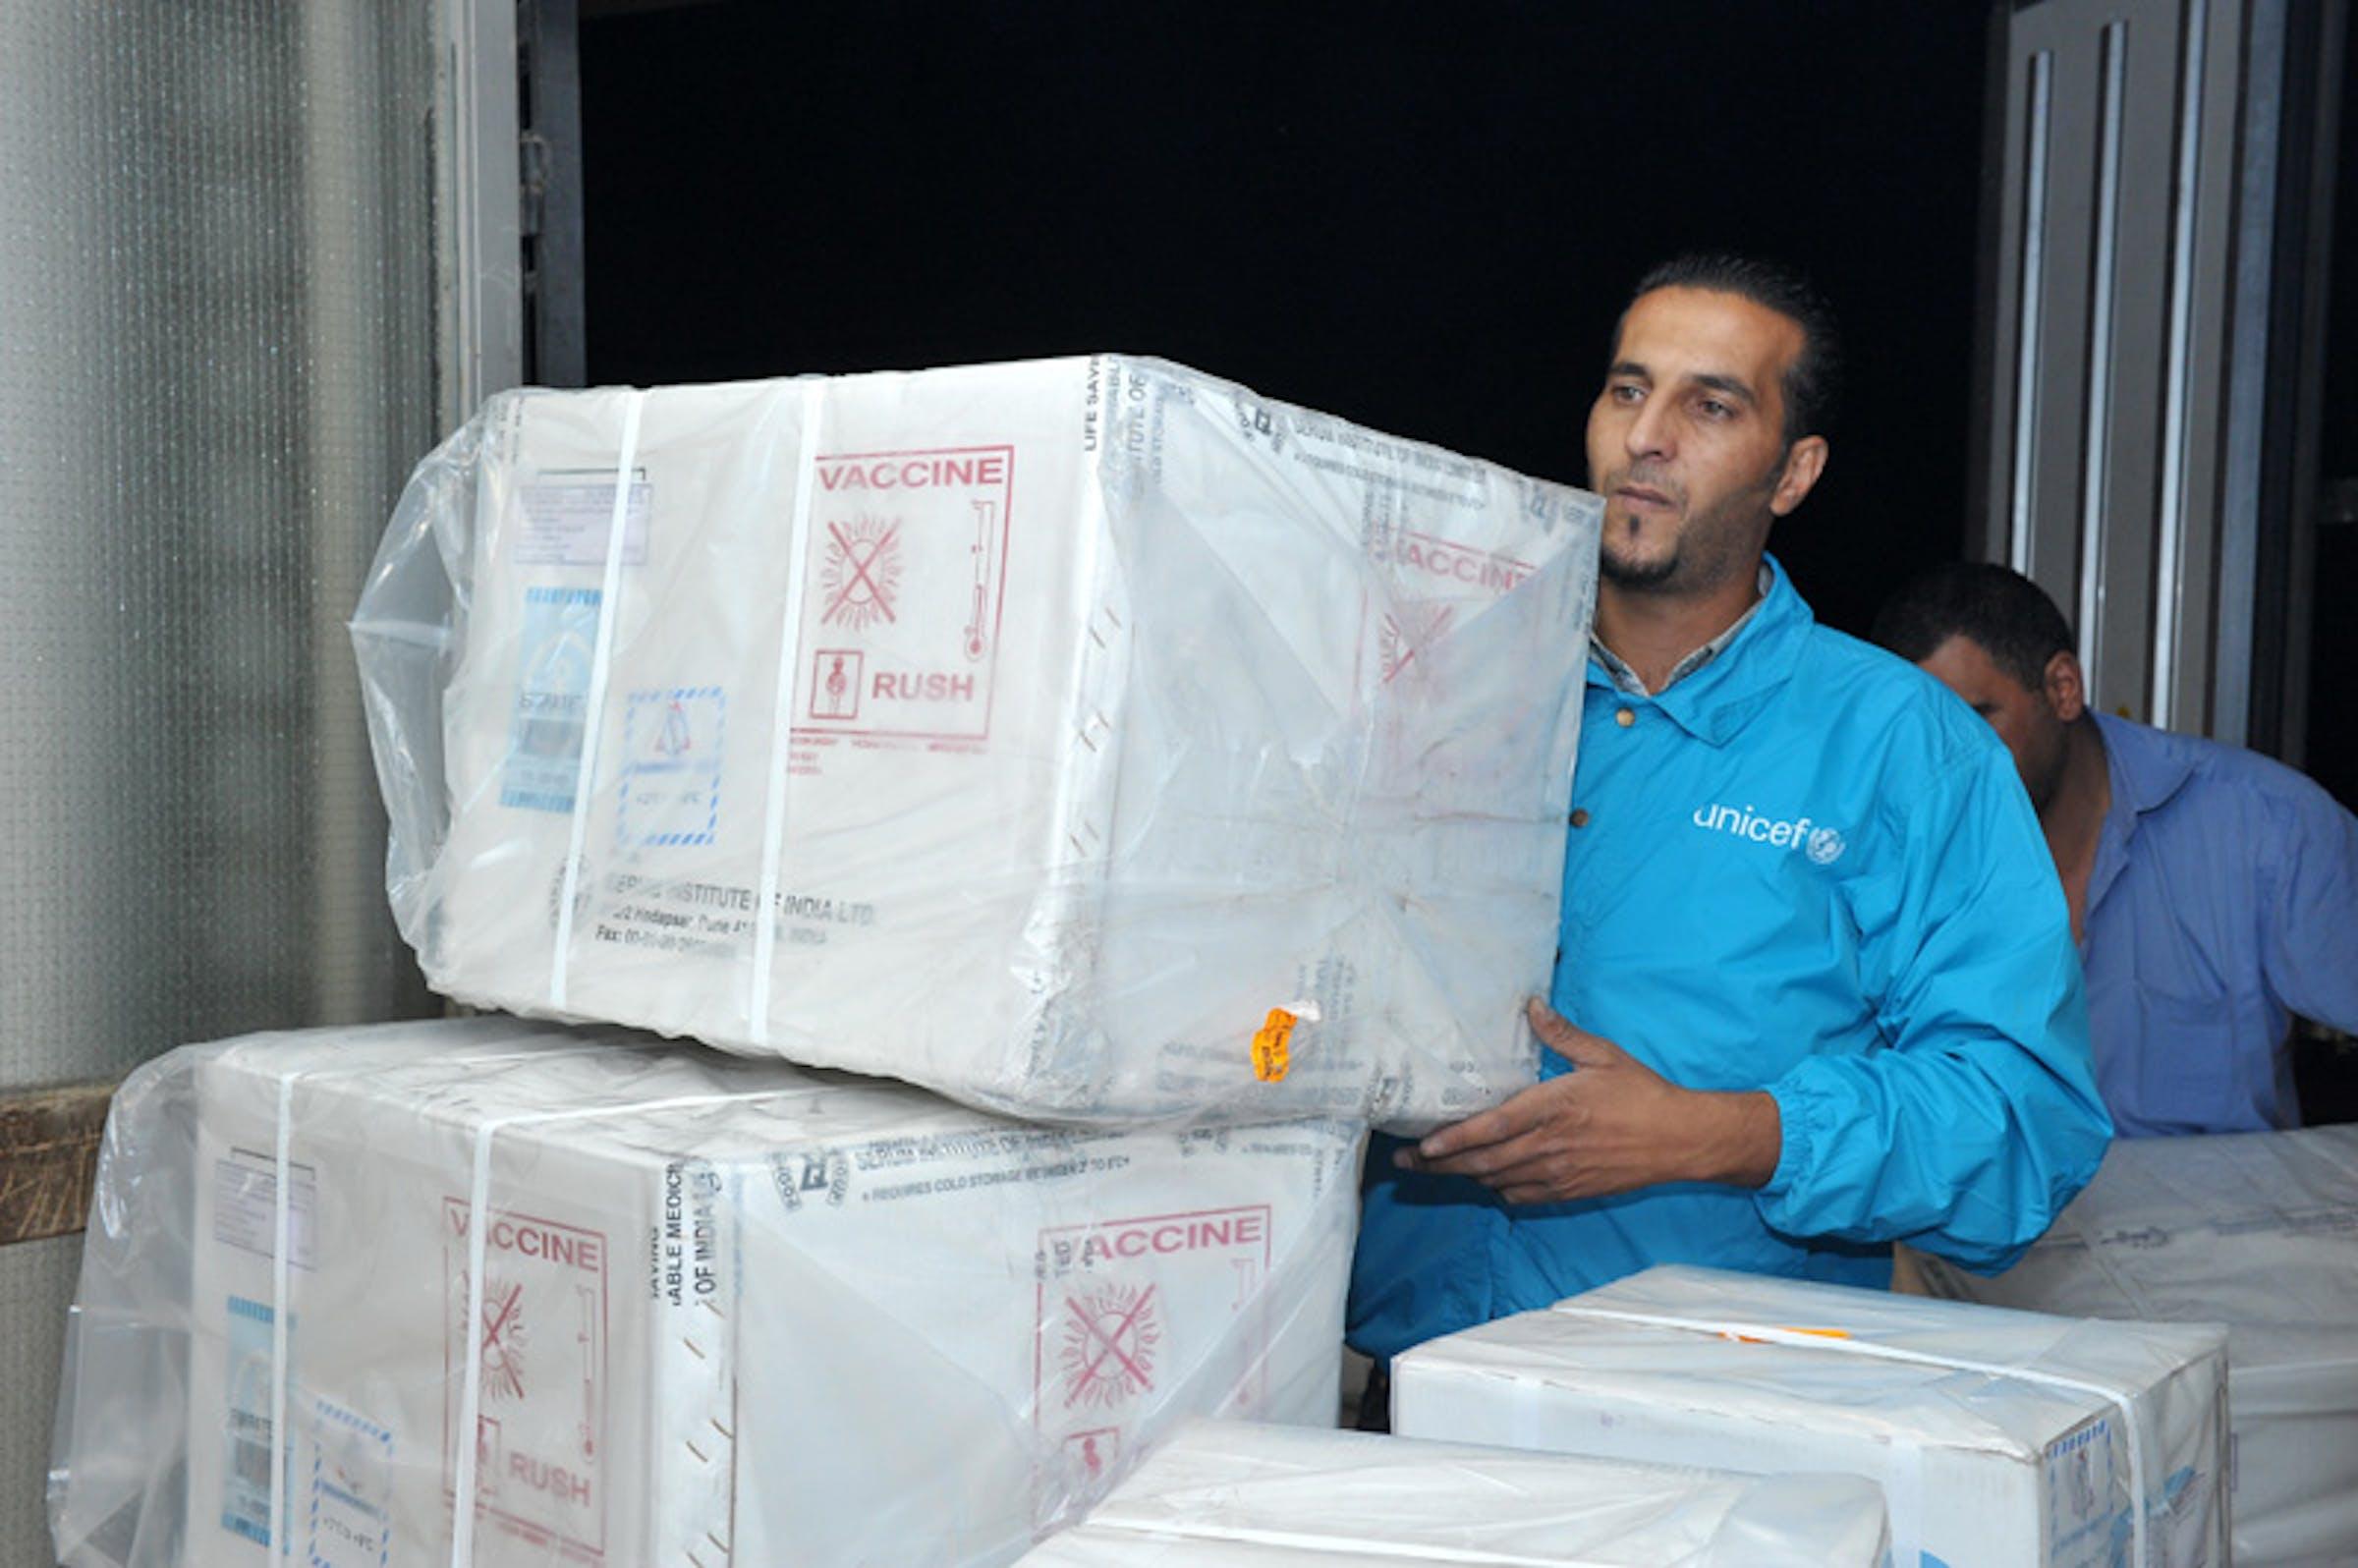 Scorte di vaccini destinati ai profughi della Siria vengono scaricati in un magazzino dell'UNICEF ad Amman (Giordania) - ©UNICEF Giordania/2012/Balian